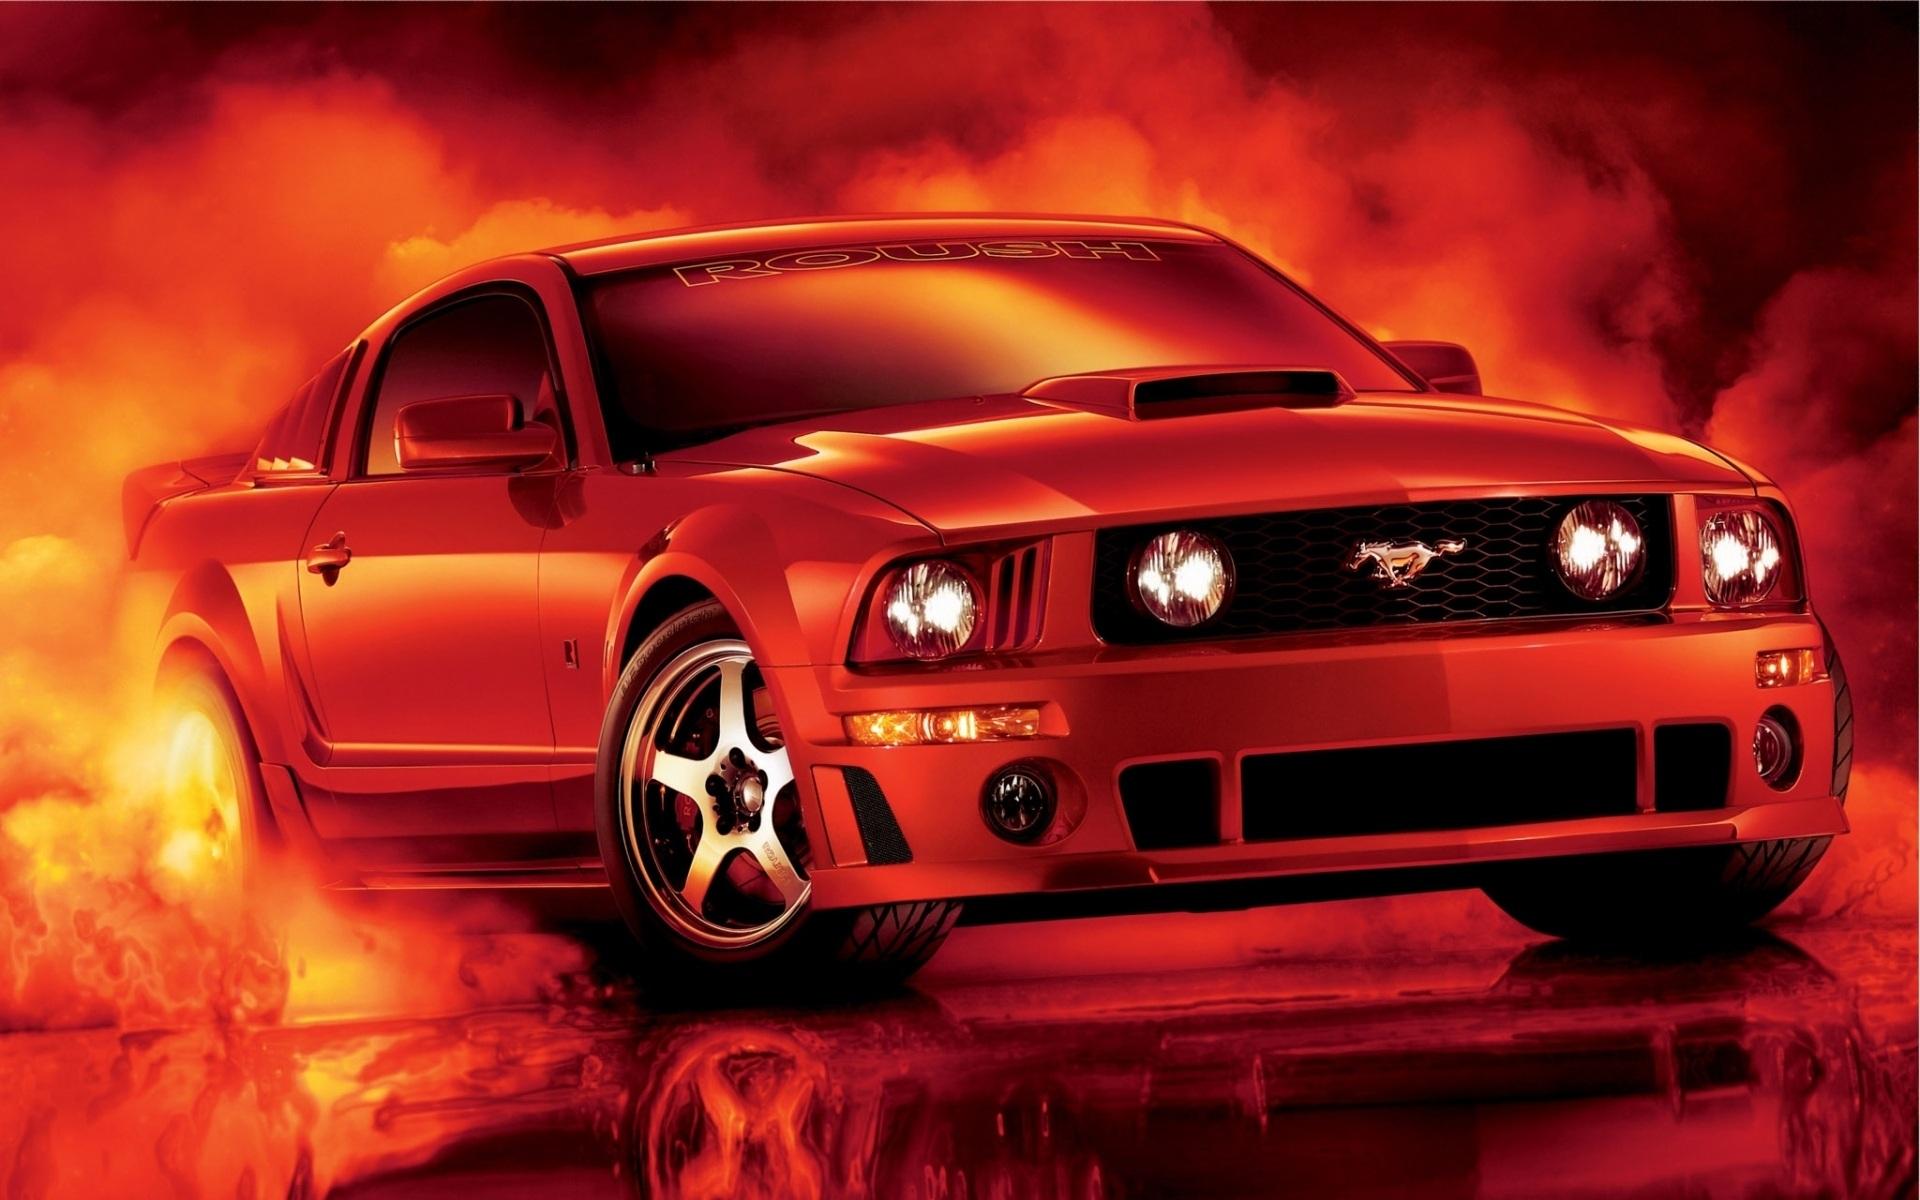 Download Hintergrundbilder 1920x1200 Red Ford Mustang Auto